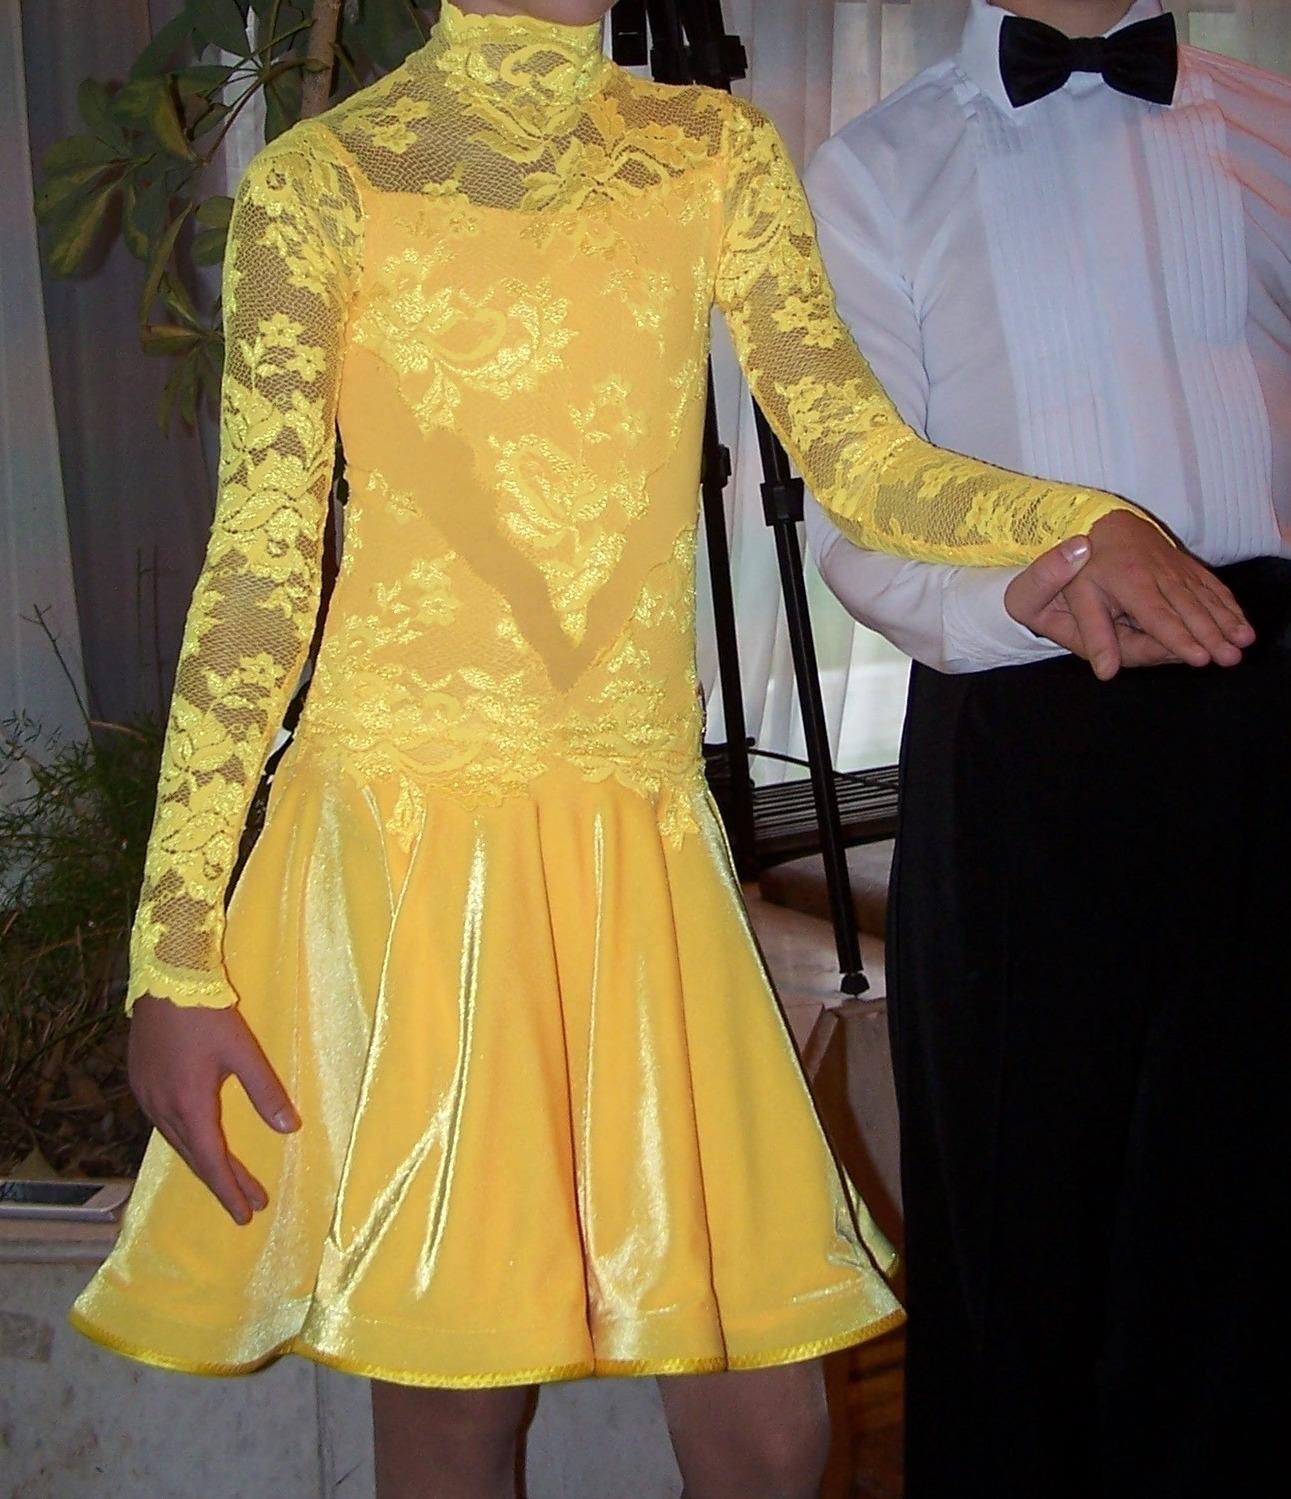 Фото платьев по бальным танцам ювеналы 2011 года 2